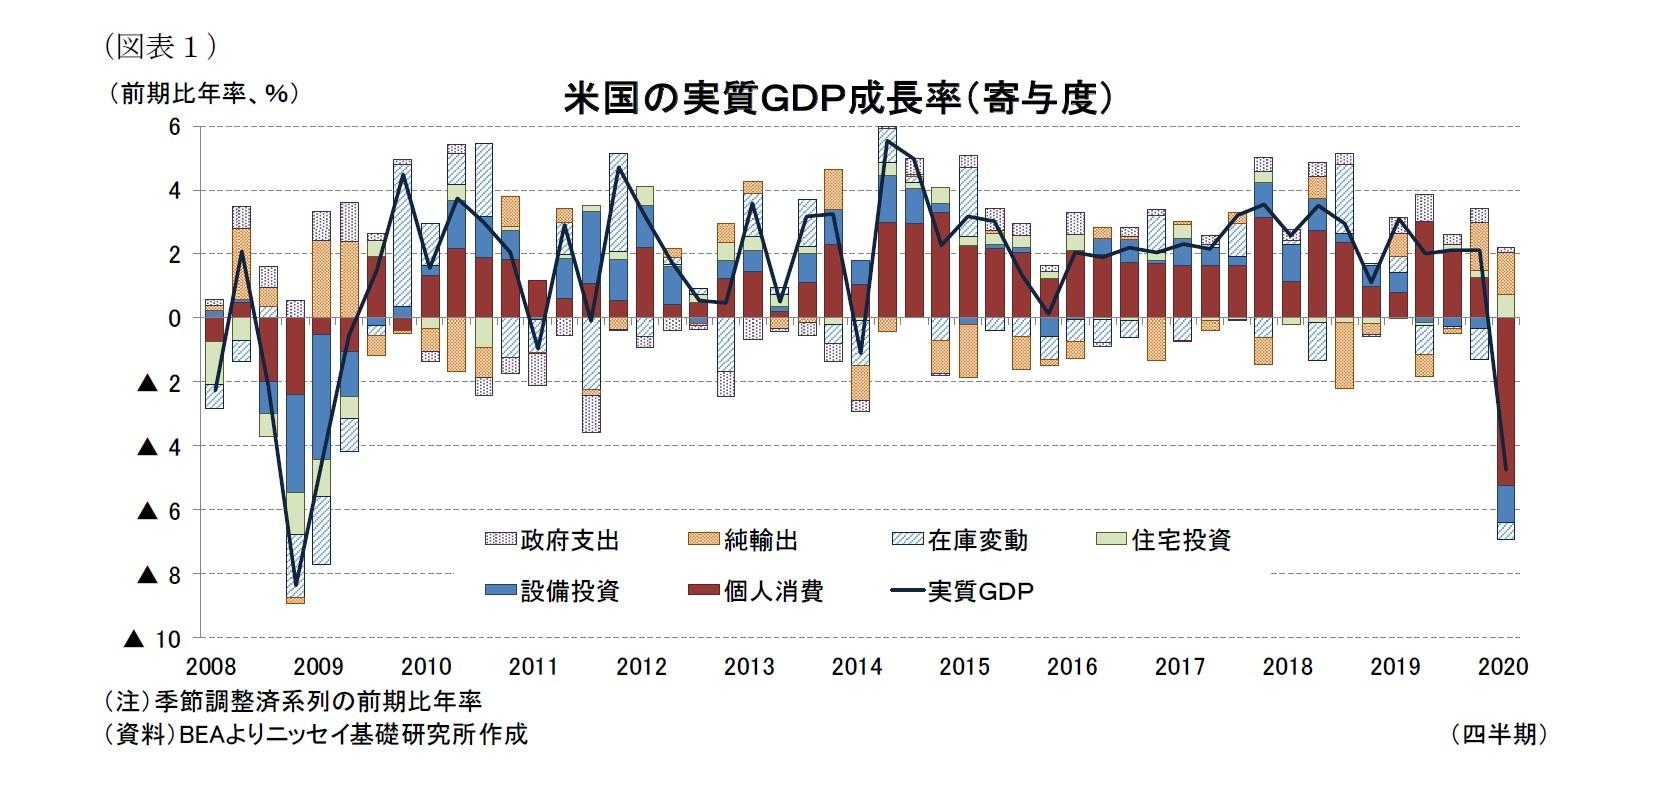 コロナ による 経済 影響